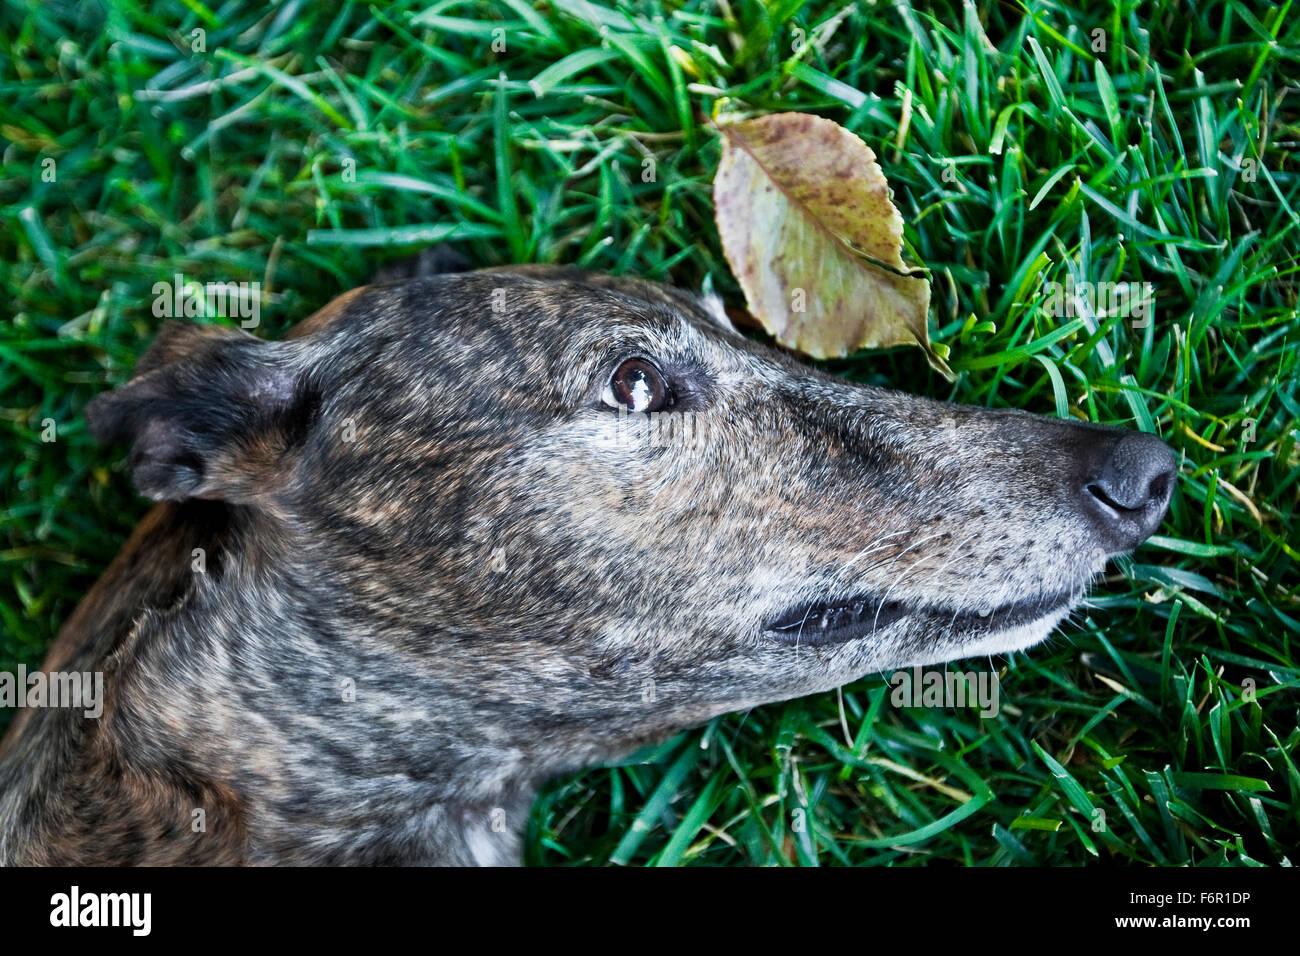 Nahaufnahme Profil Kopf gestromt Greyhound Hundes Verlegung friedlich im Reich langen grünen Rasen mit einem Stockbild